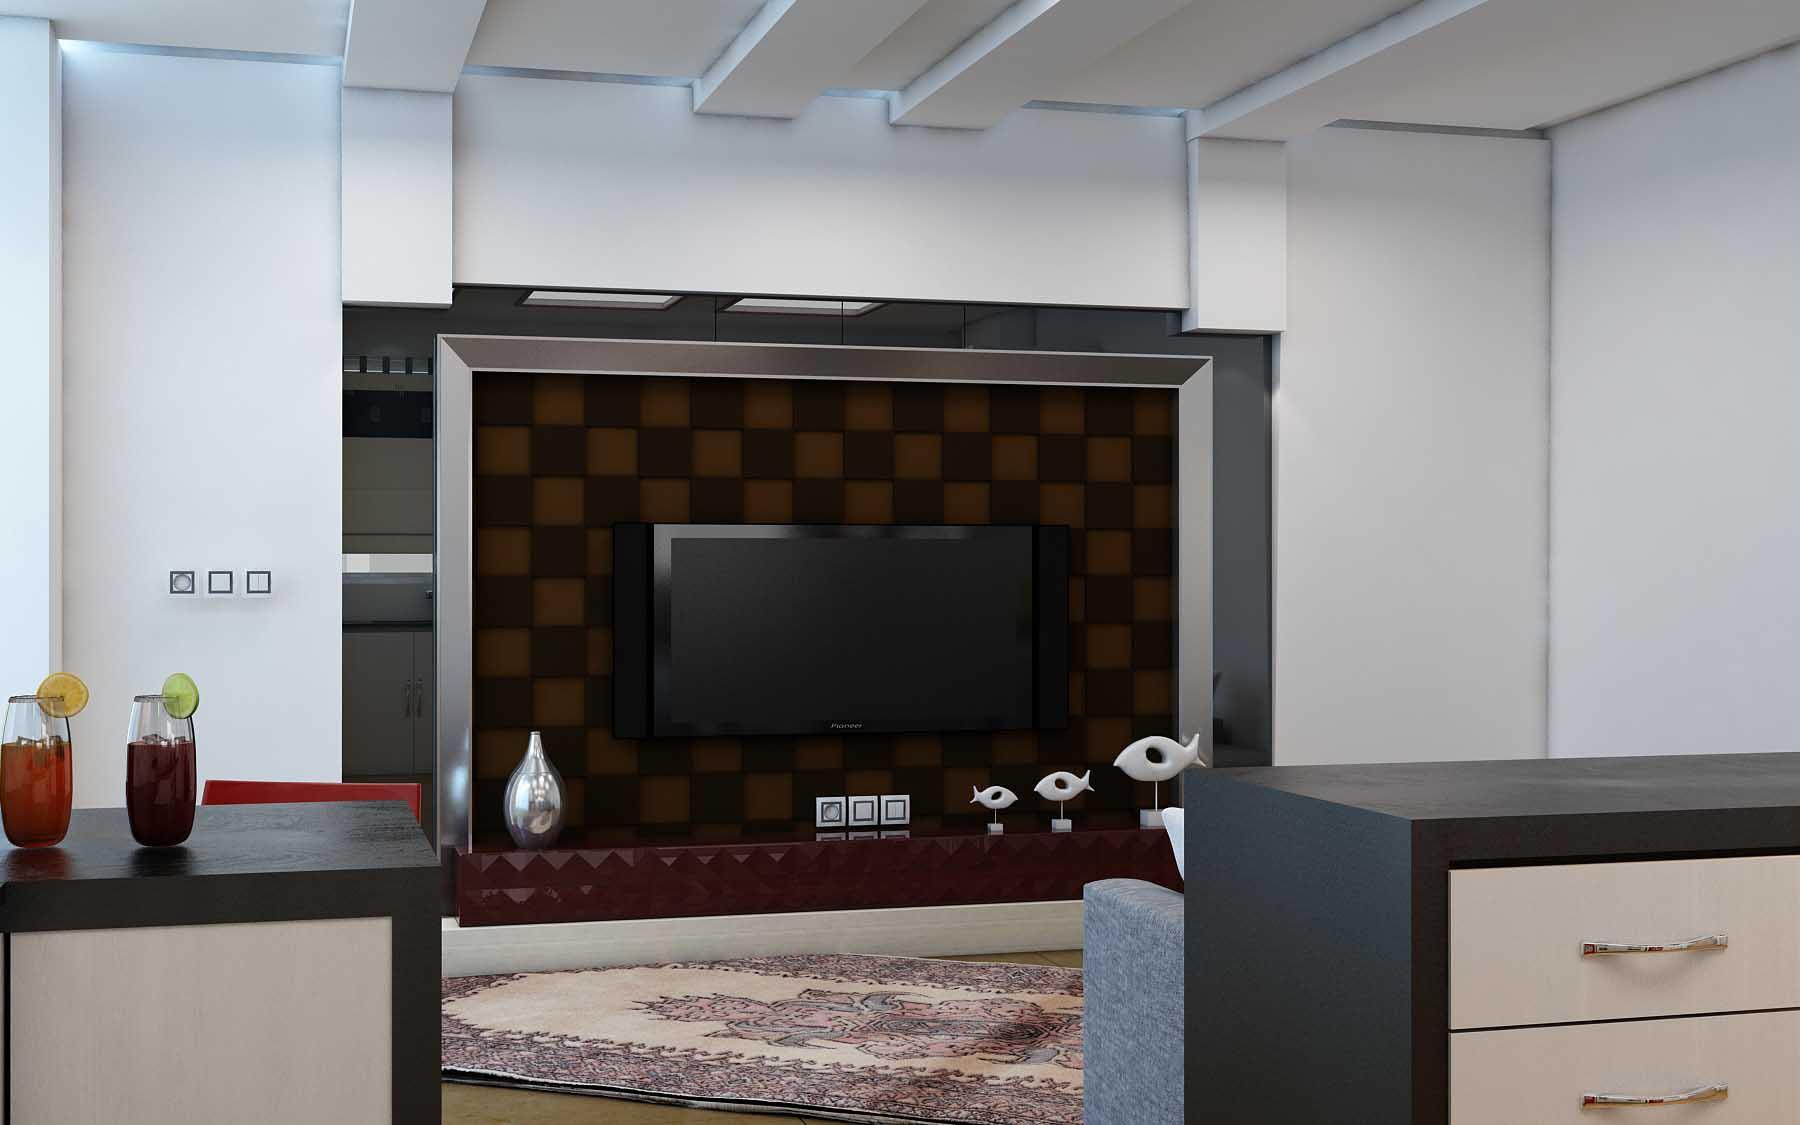 طراحی داخلی گیشا